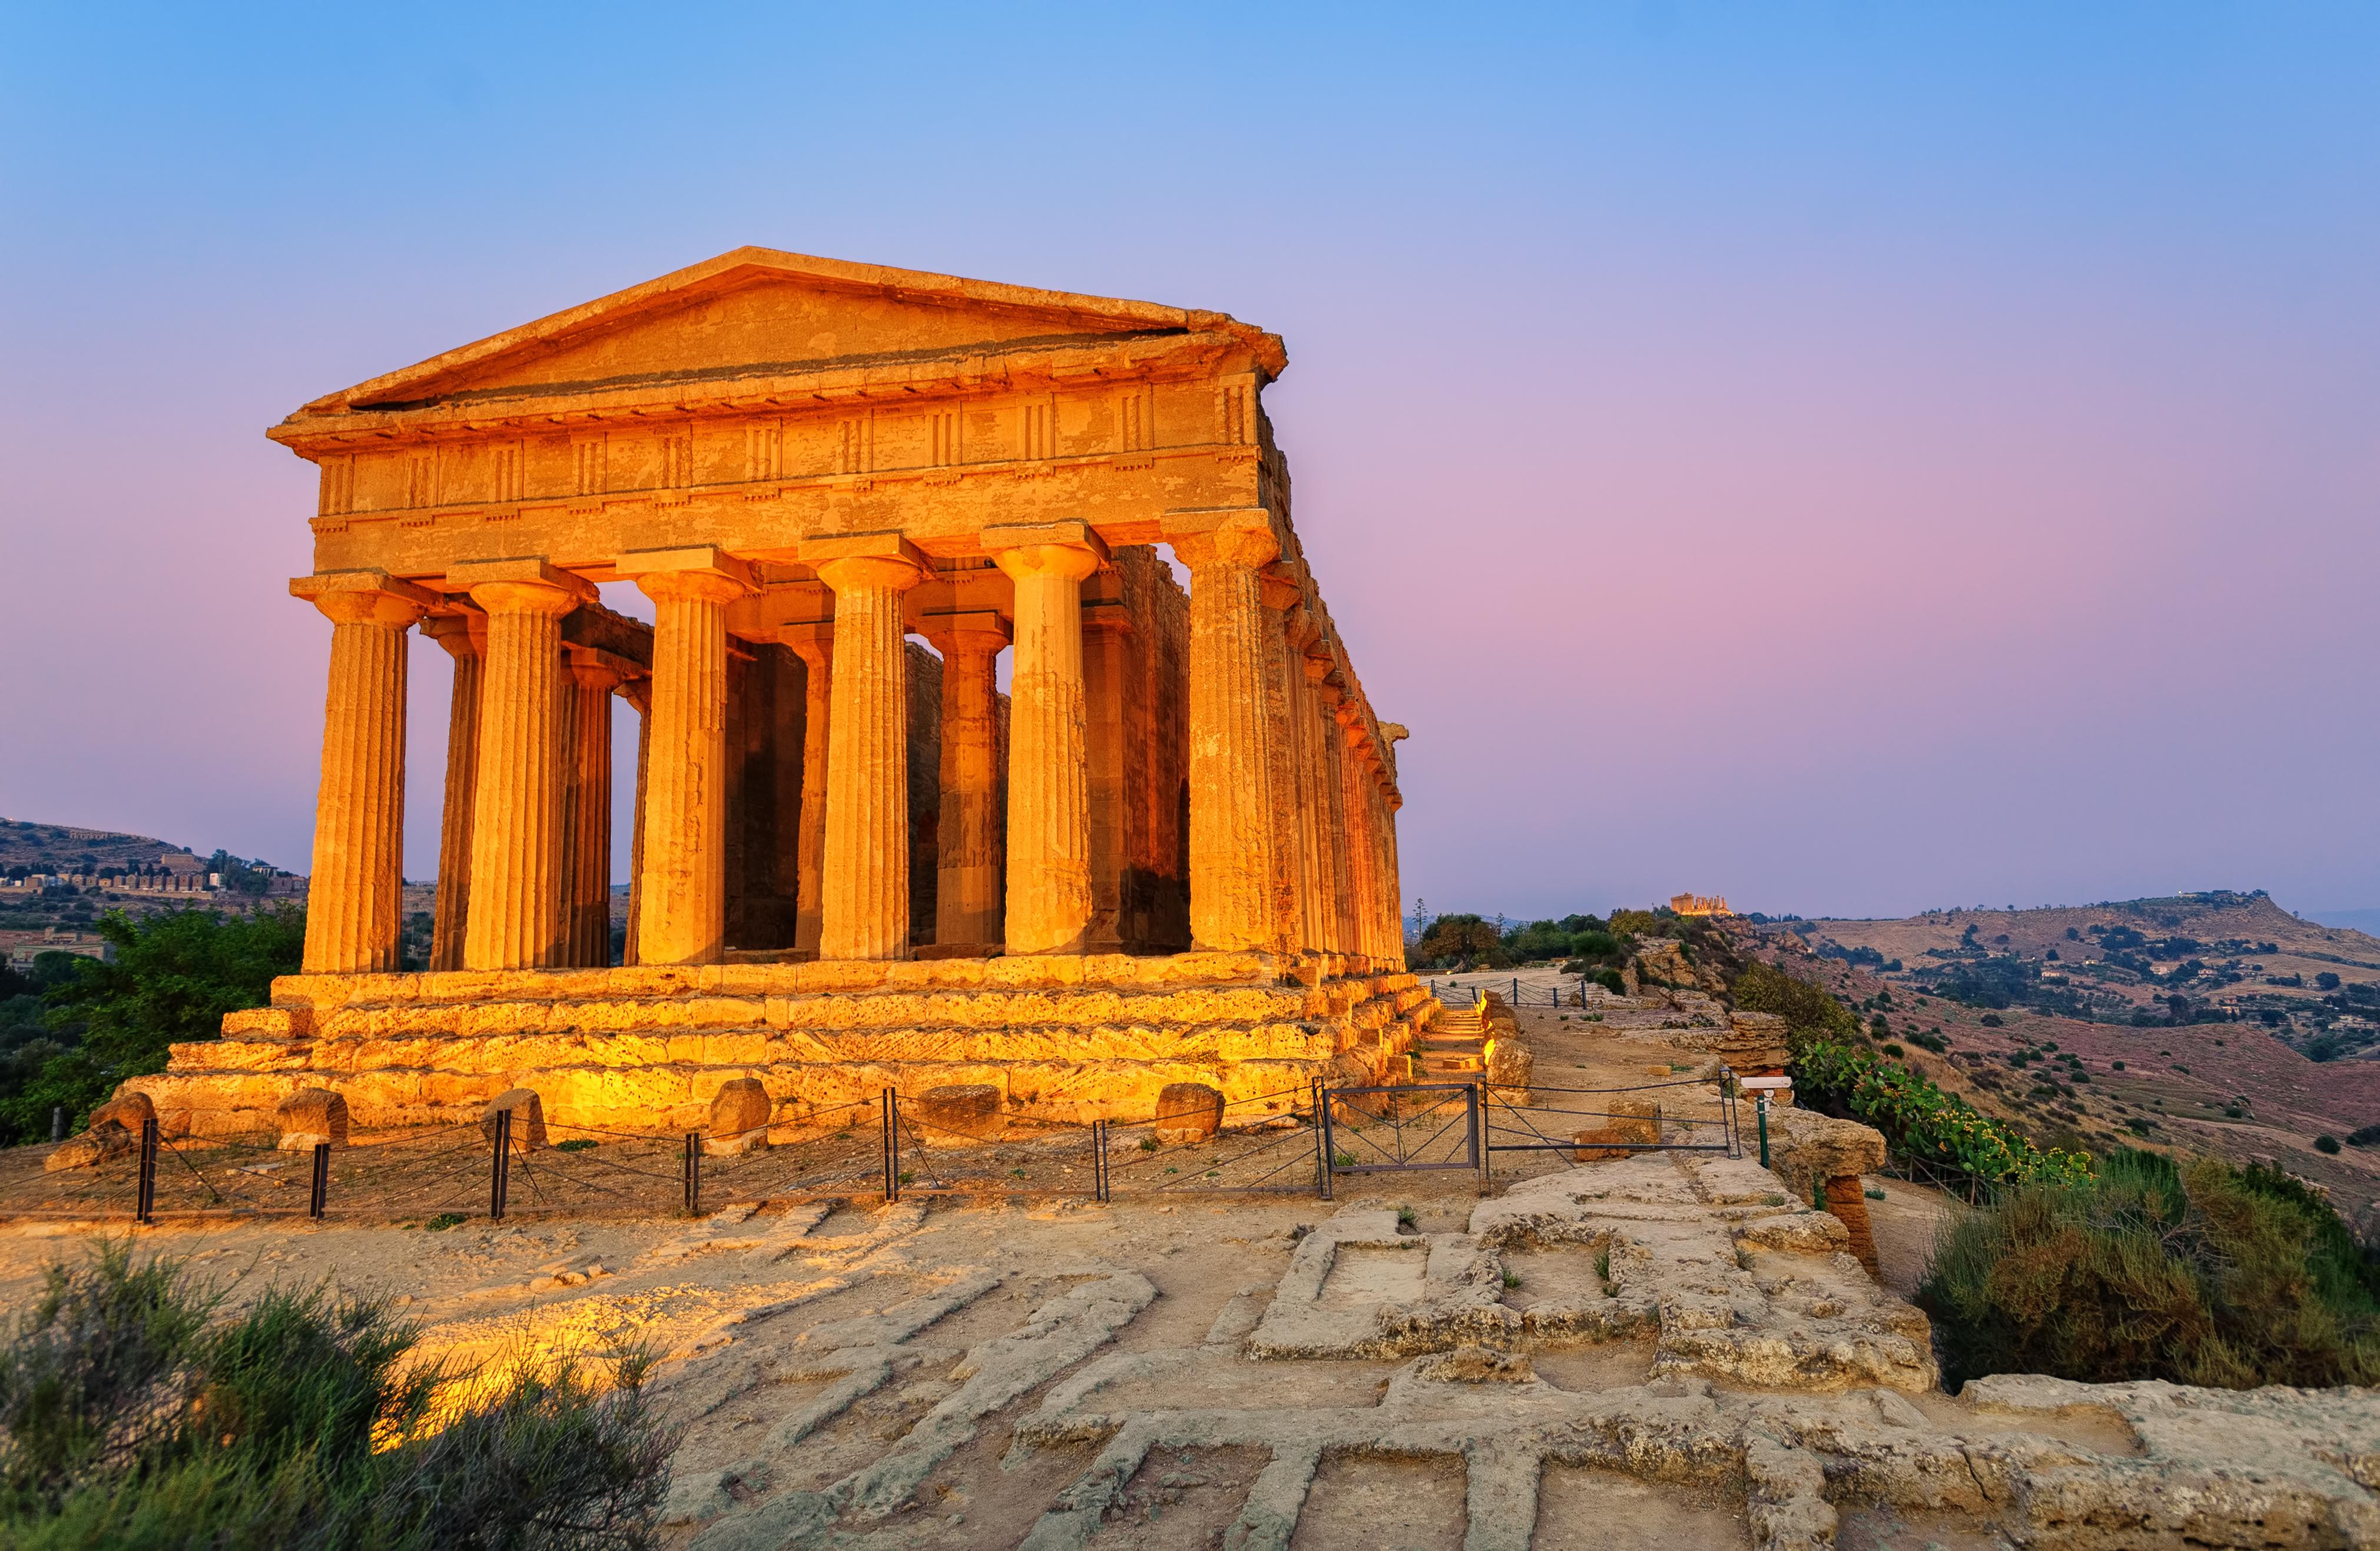 Descubre los templos mejor conservados de Agrigento - Italia Circuito Sicilia Clásica